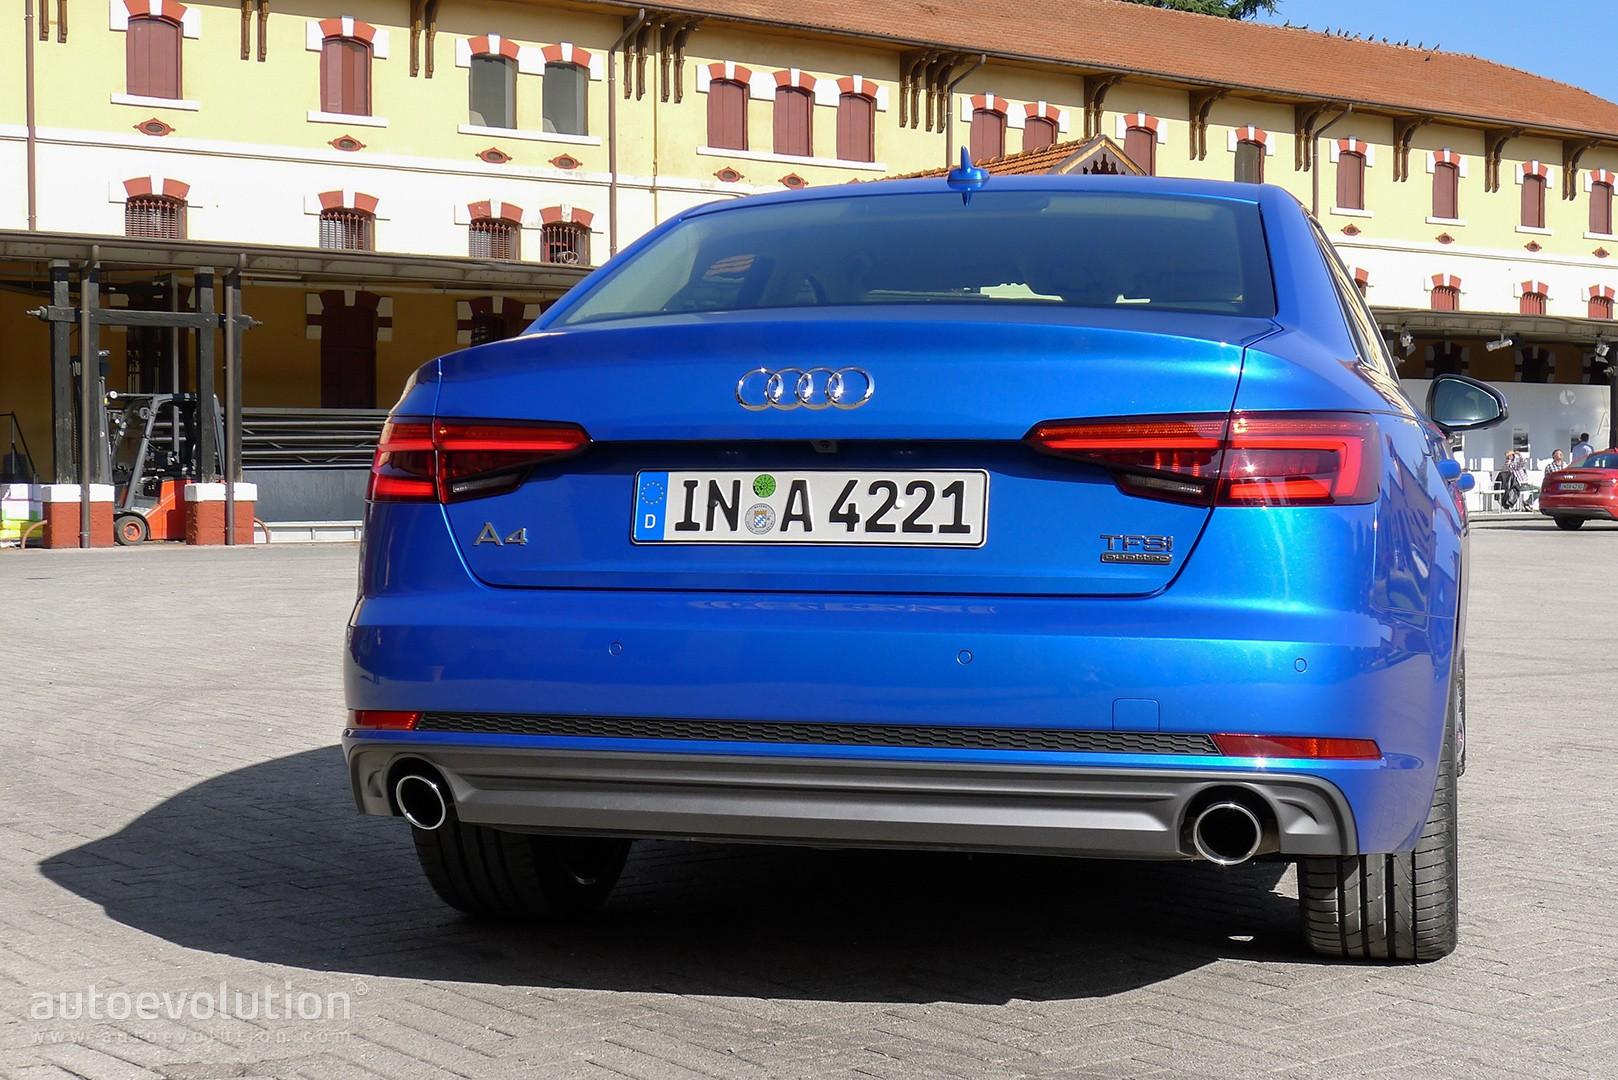 Kelebihan Kekurangan Audi A4 3.0 Quattro Perbandingan Harga